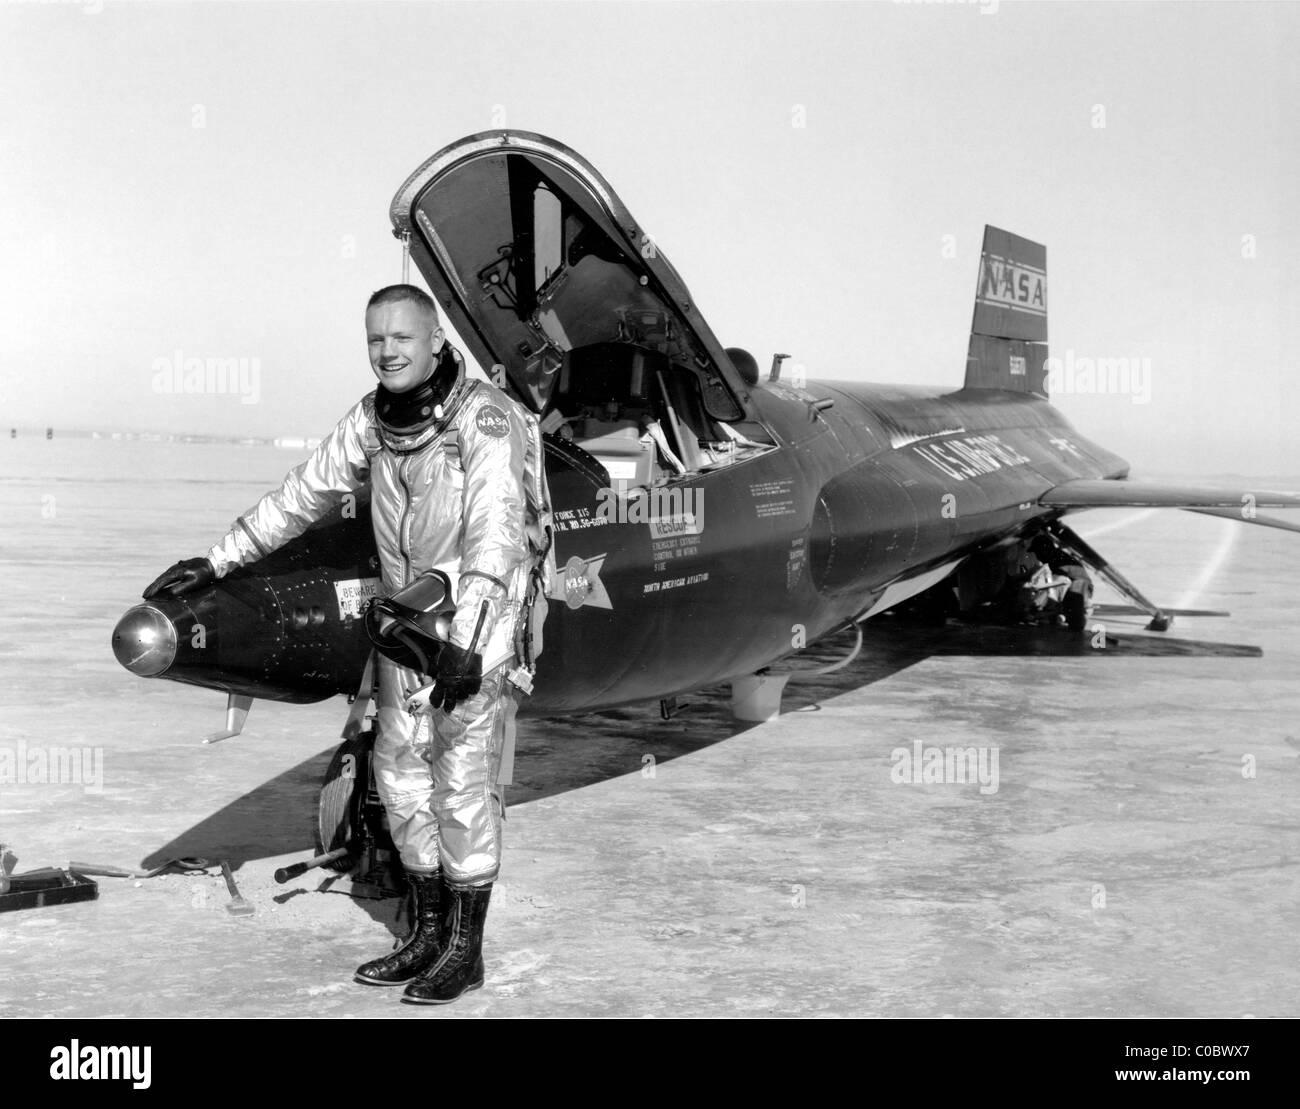 Neil Armstrong junto a la X-15 aviones de investigación impulsado por cohetes. Imagen De Stock